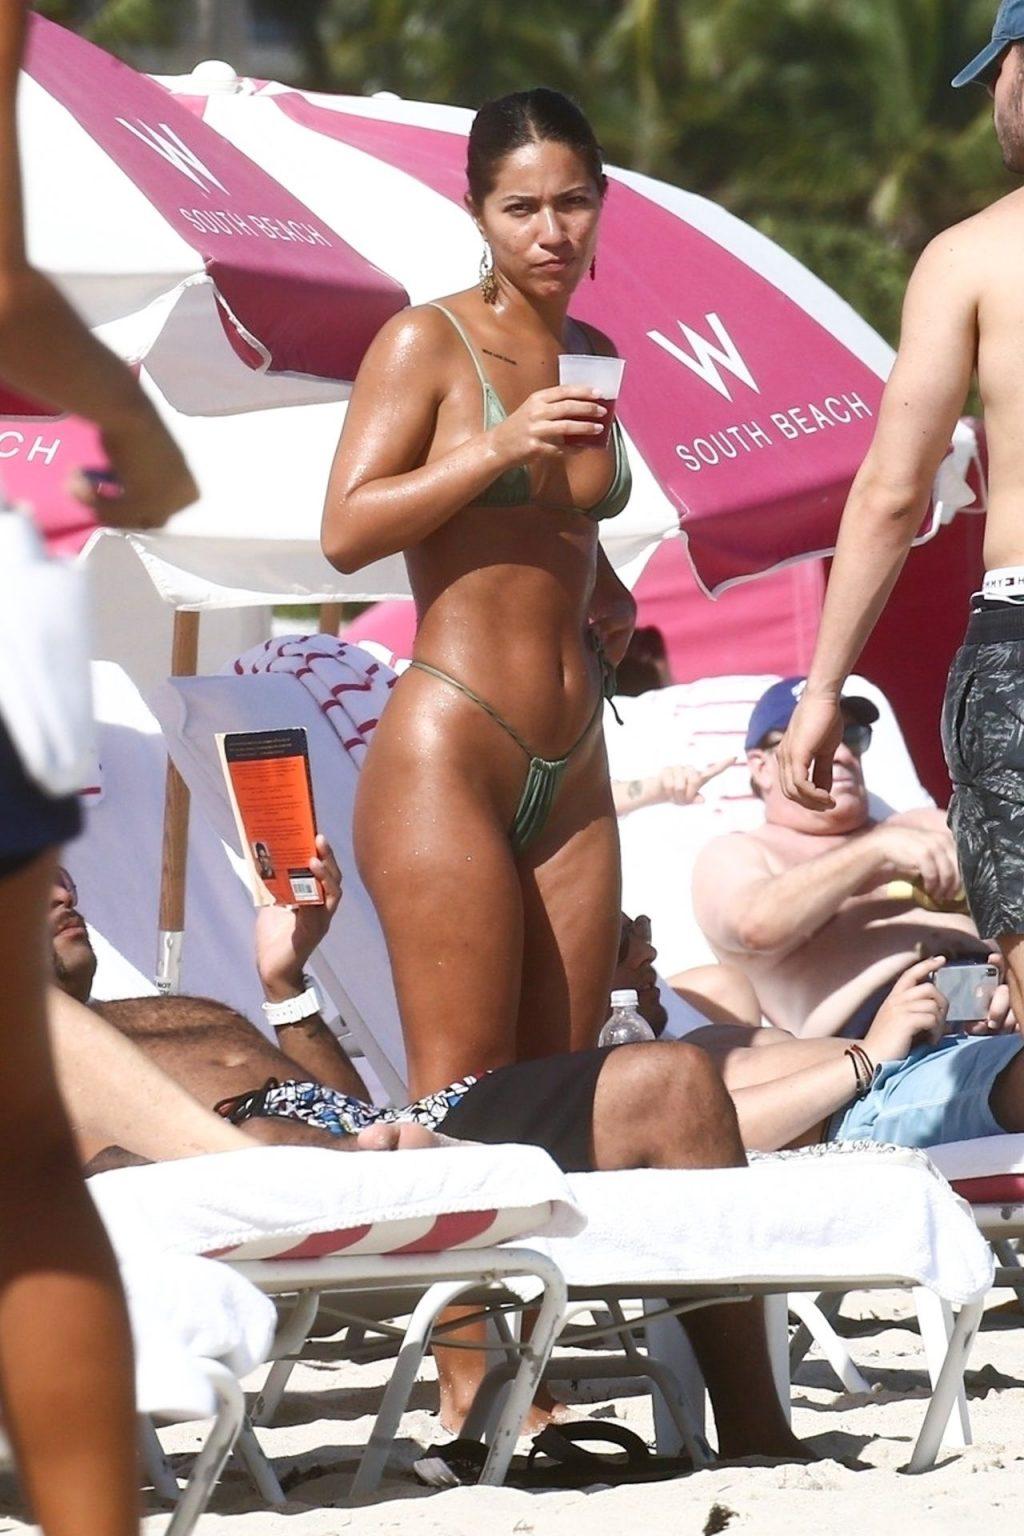 Erika Wheaton Shows Her Sexy Bikini Body on the Beach (21 Photos)